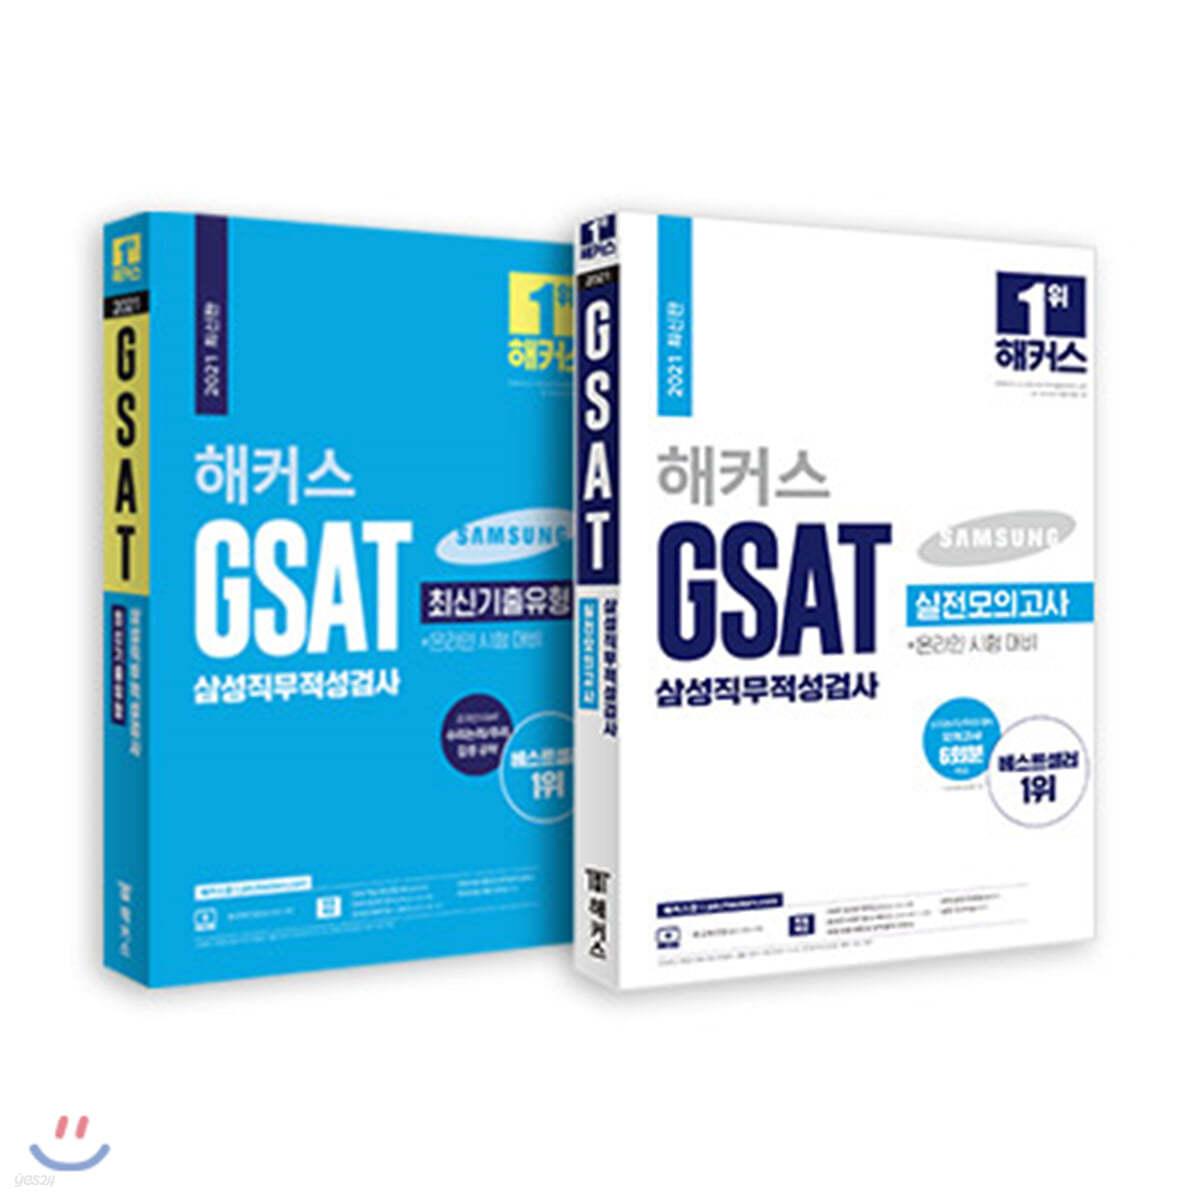 온라인 시험대비 해커스 GSAT 최신기출유형 + 실전모의고사 세트